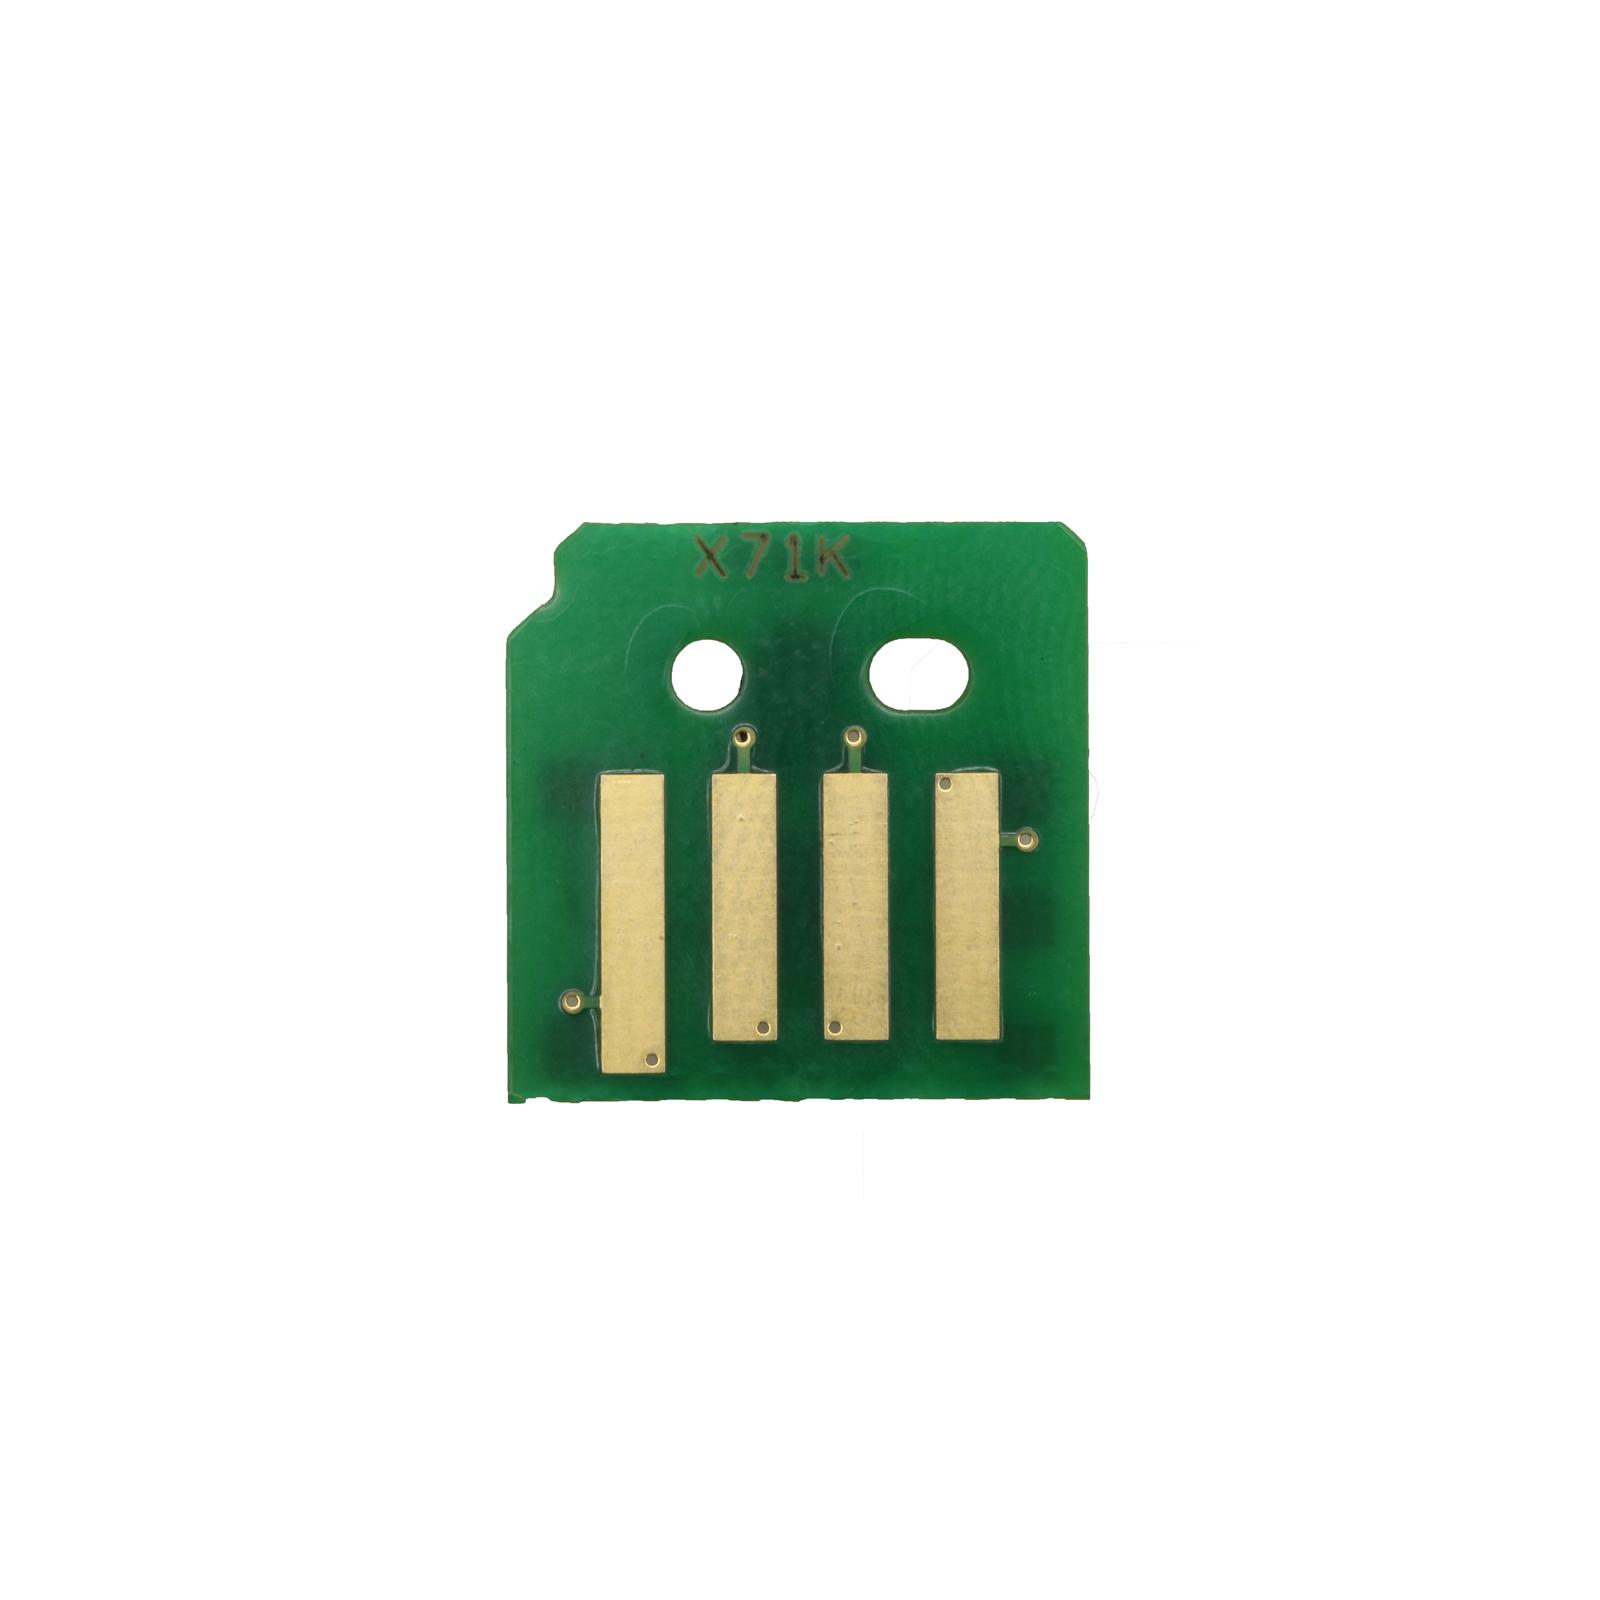 Чип для картриджа Xerox Phaser 7800 (106R01573) 24k black Static Control (X7800CP-KLA)